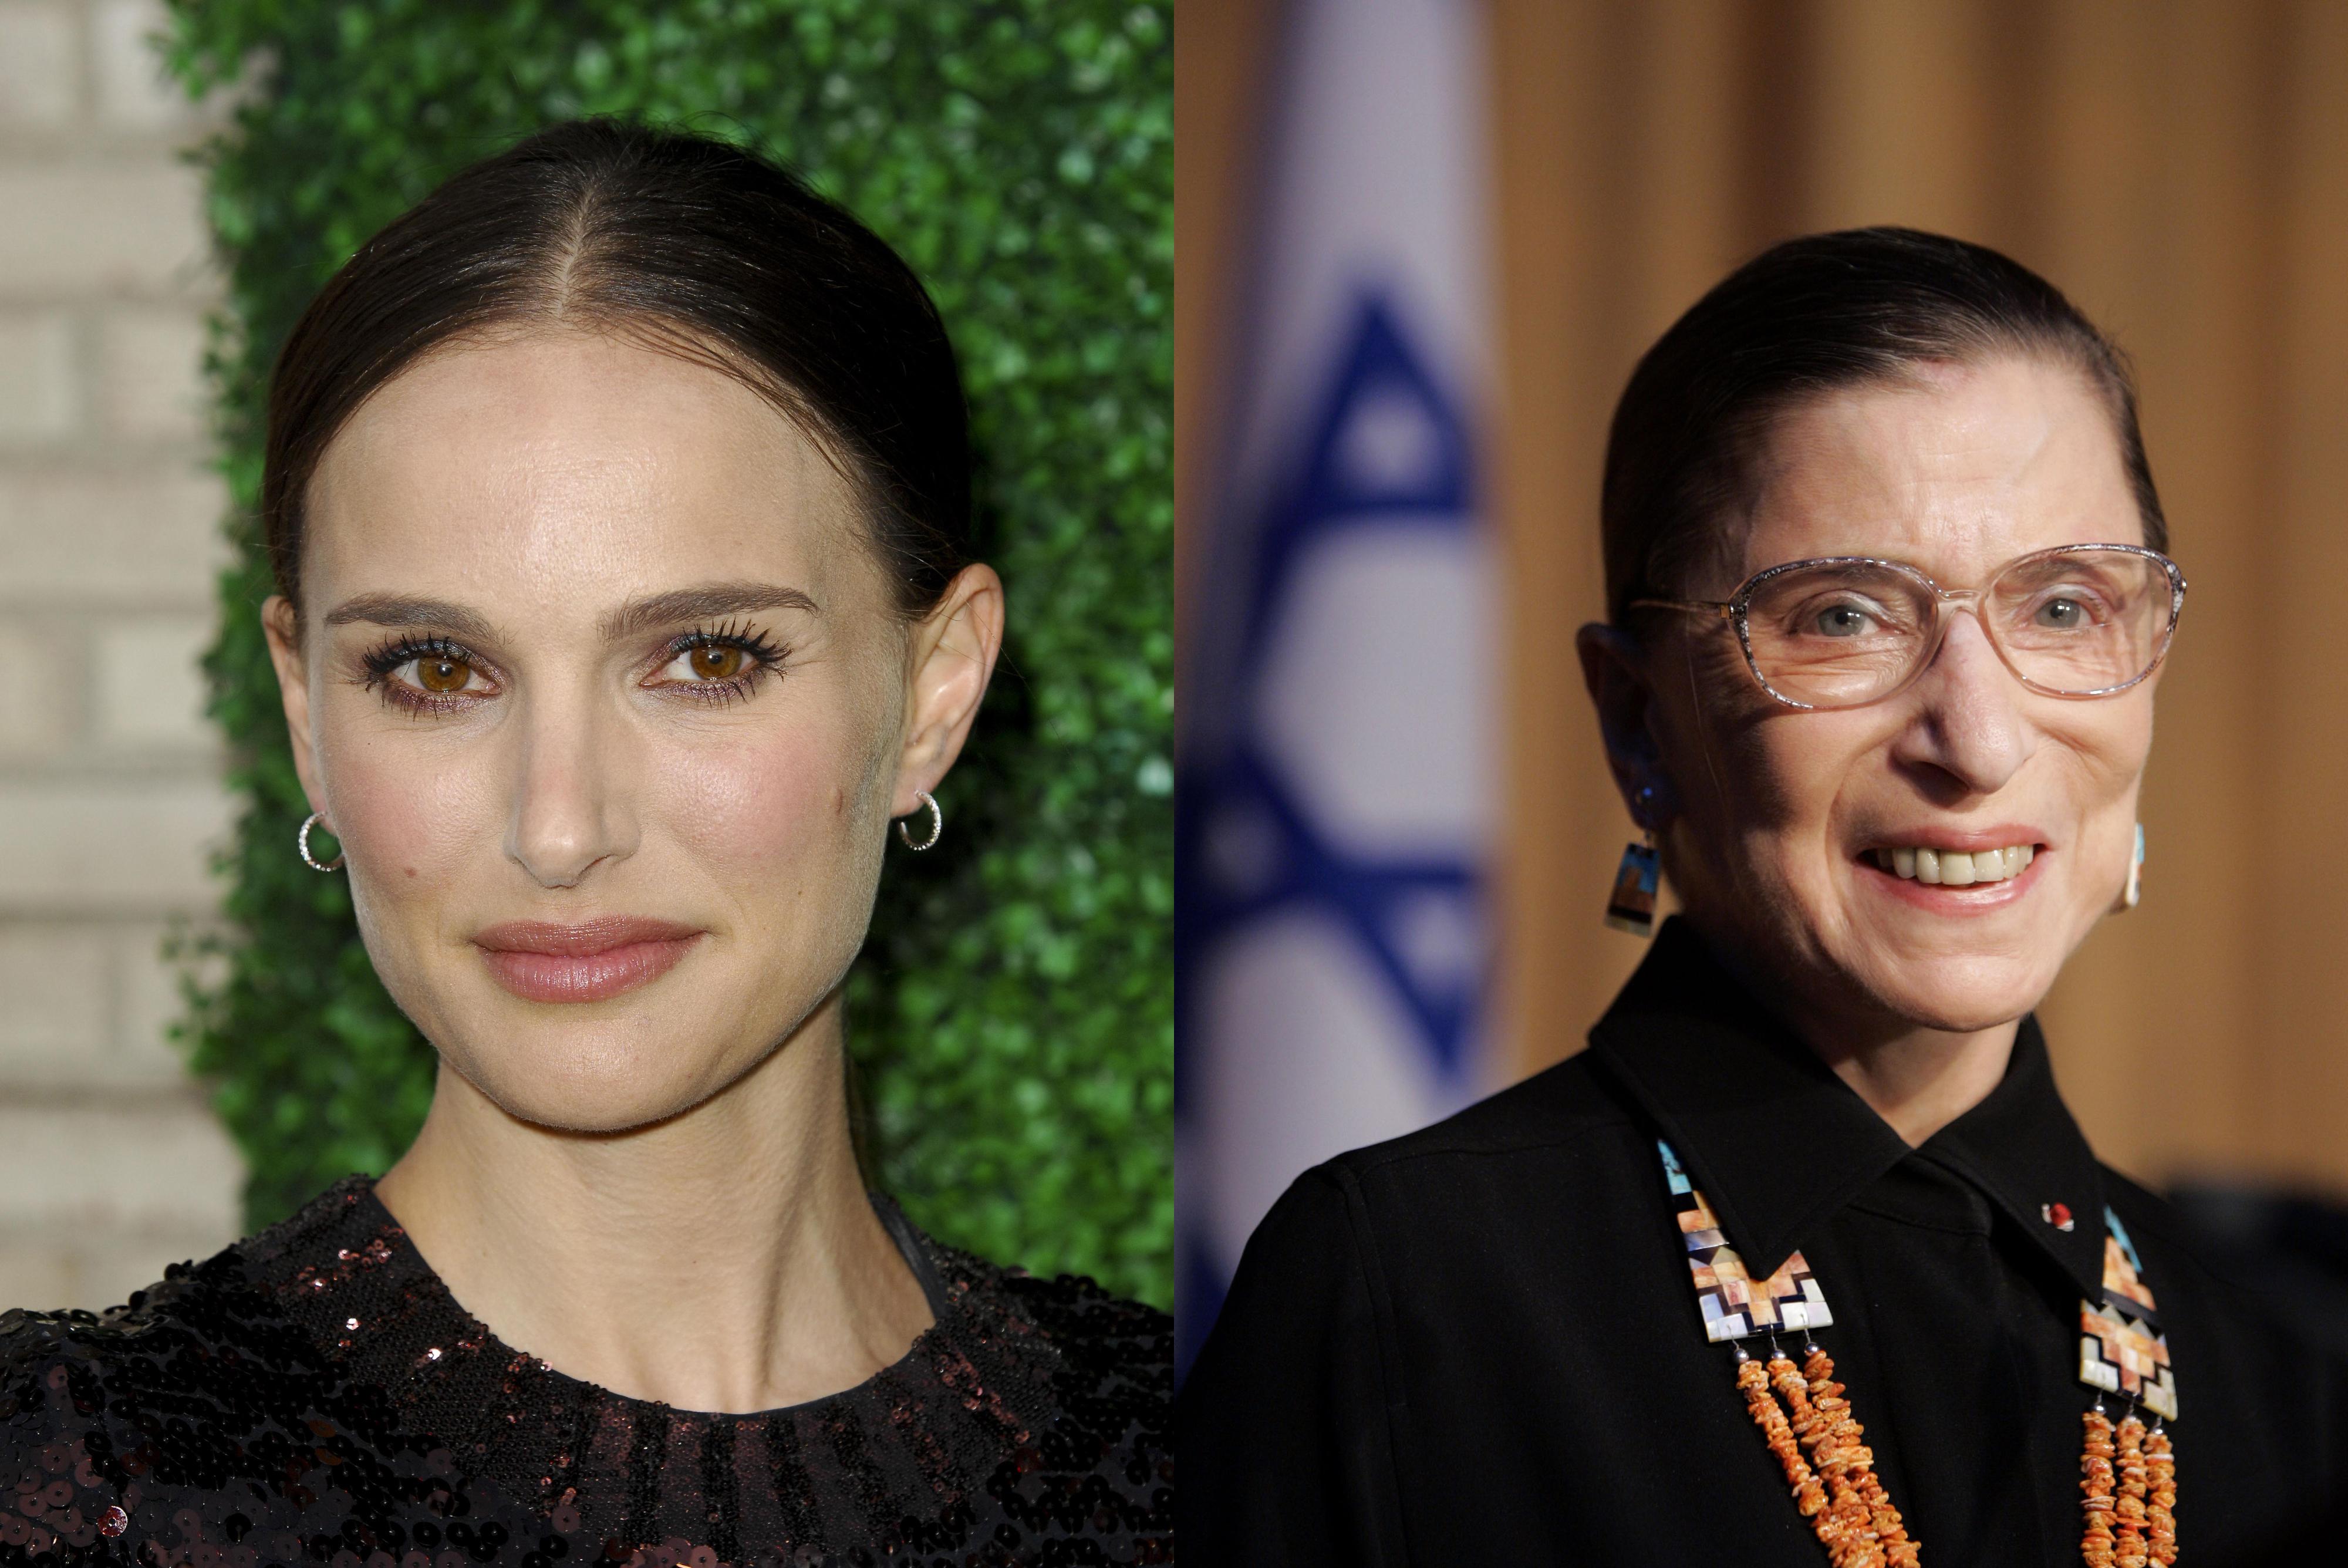 Natalie Portman, Ruth Bader Ginsberg